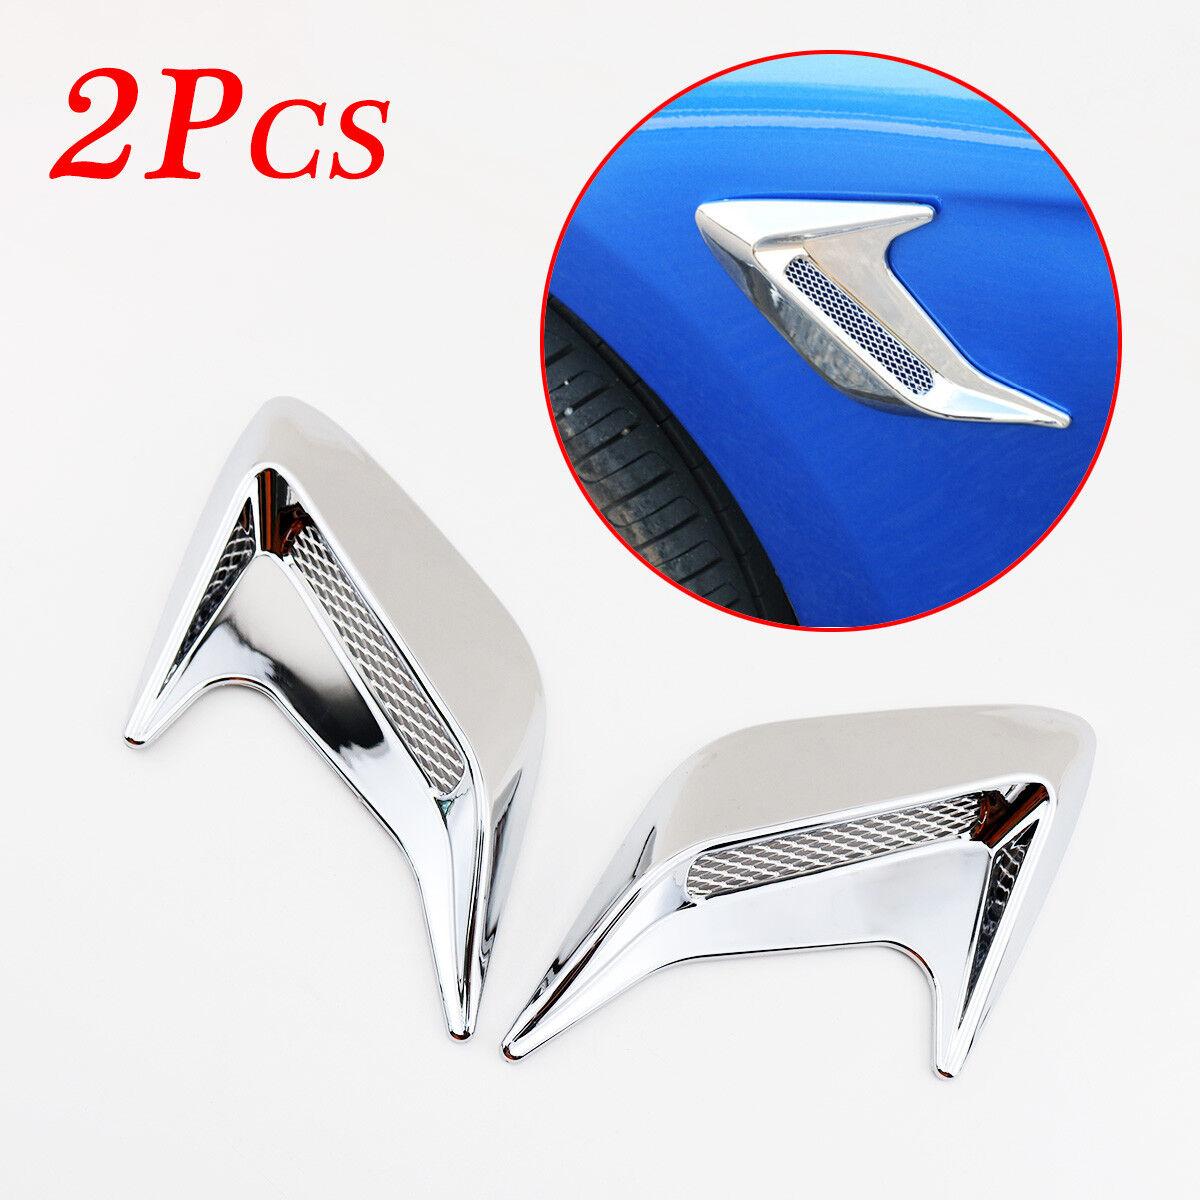 06-11 Mercedes W203 W209 W211 W251 Engine Piston Connecting Rod 2720308917 D19